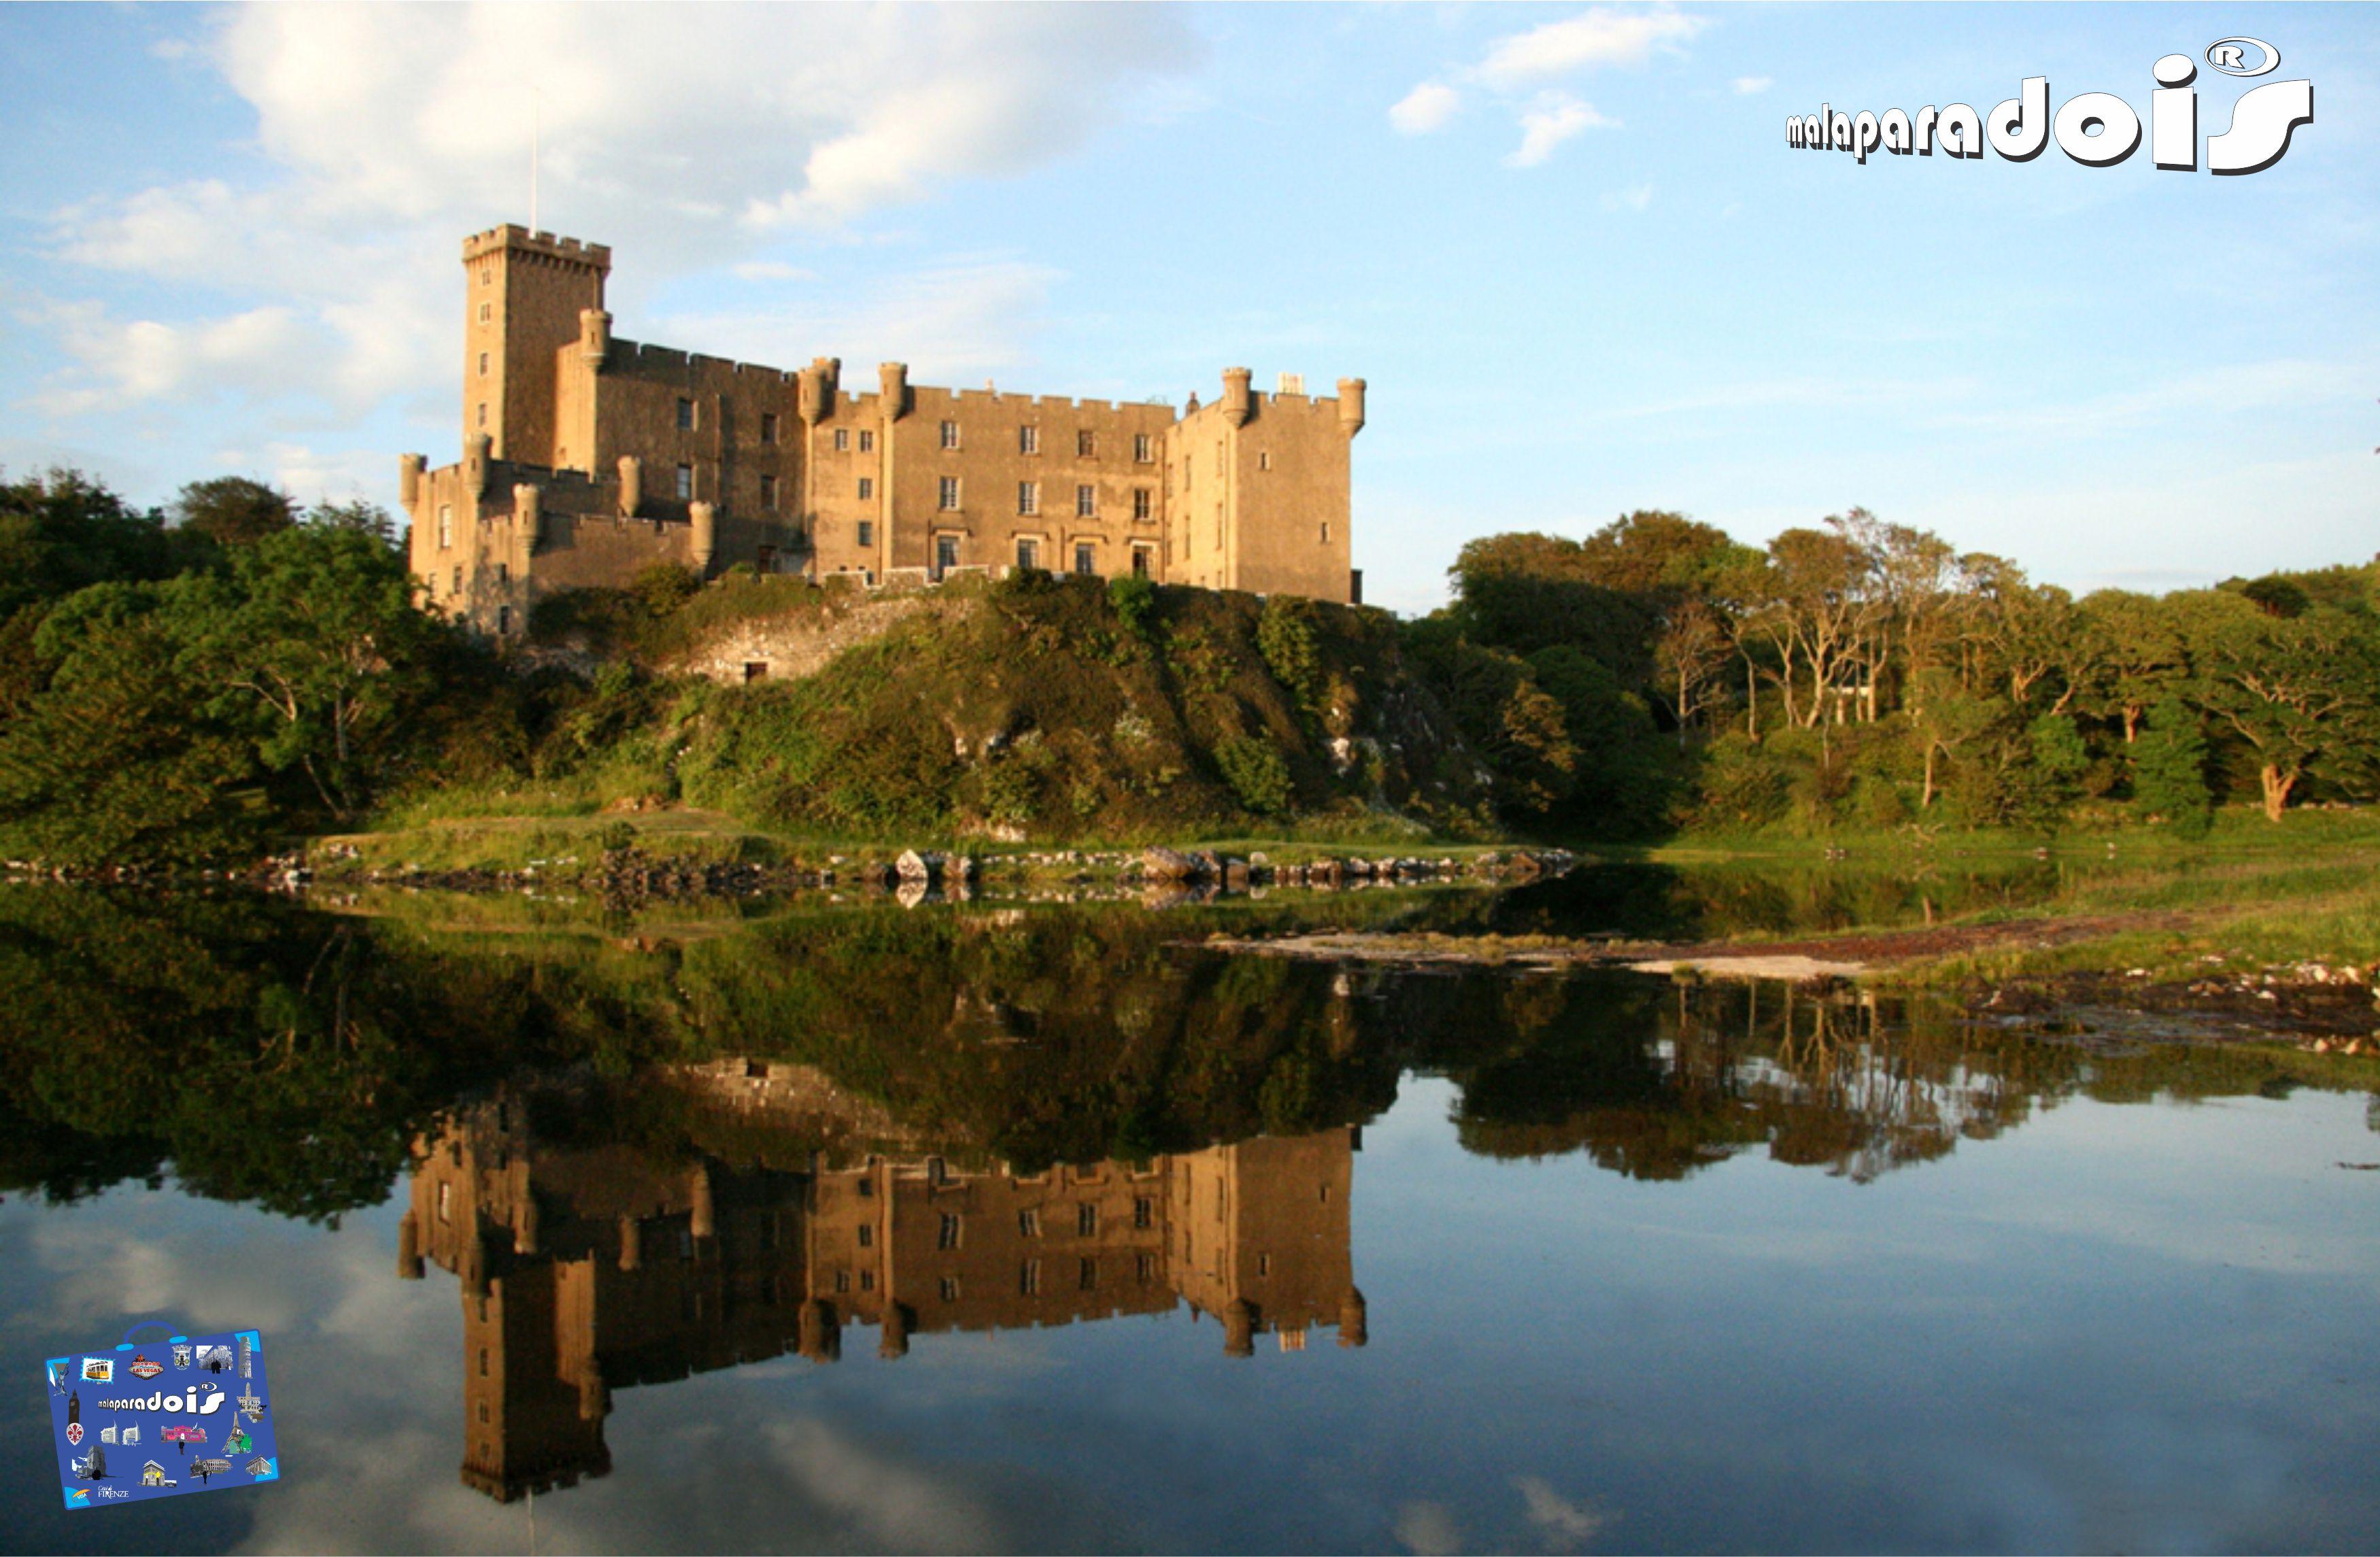 Castelos - Duvengan Castle